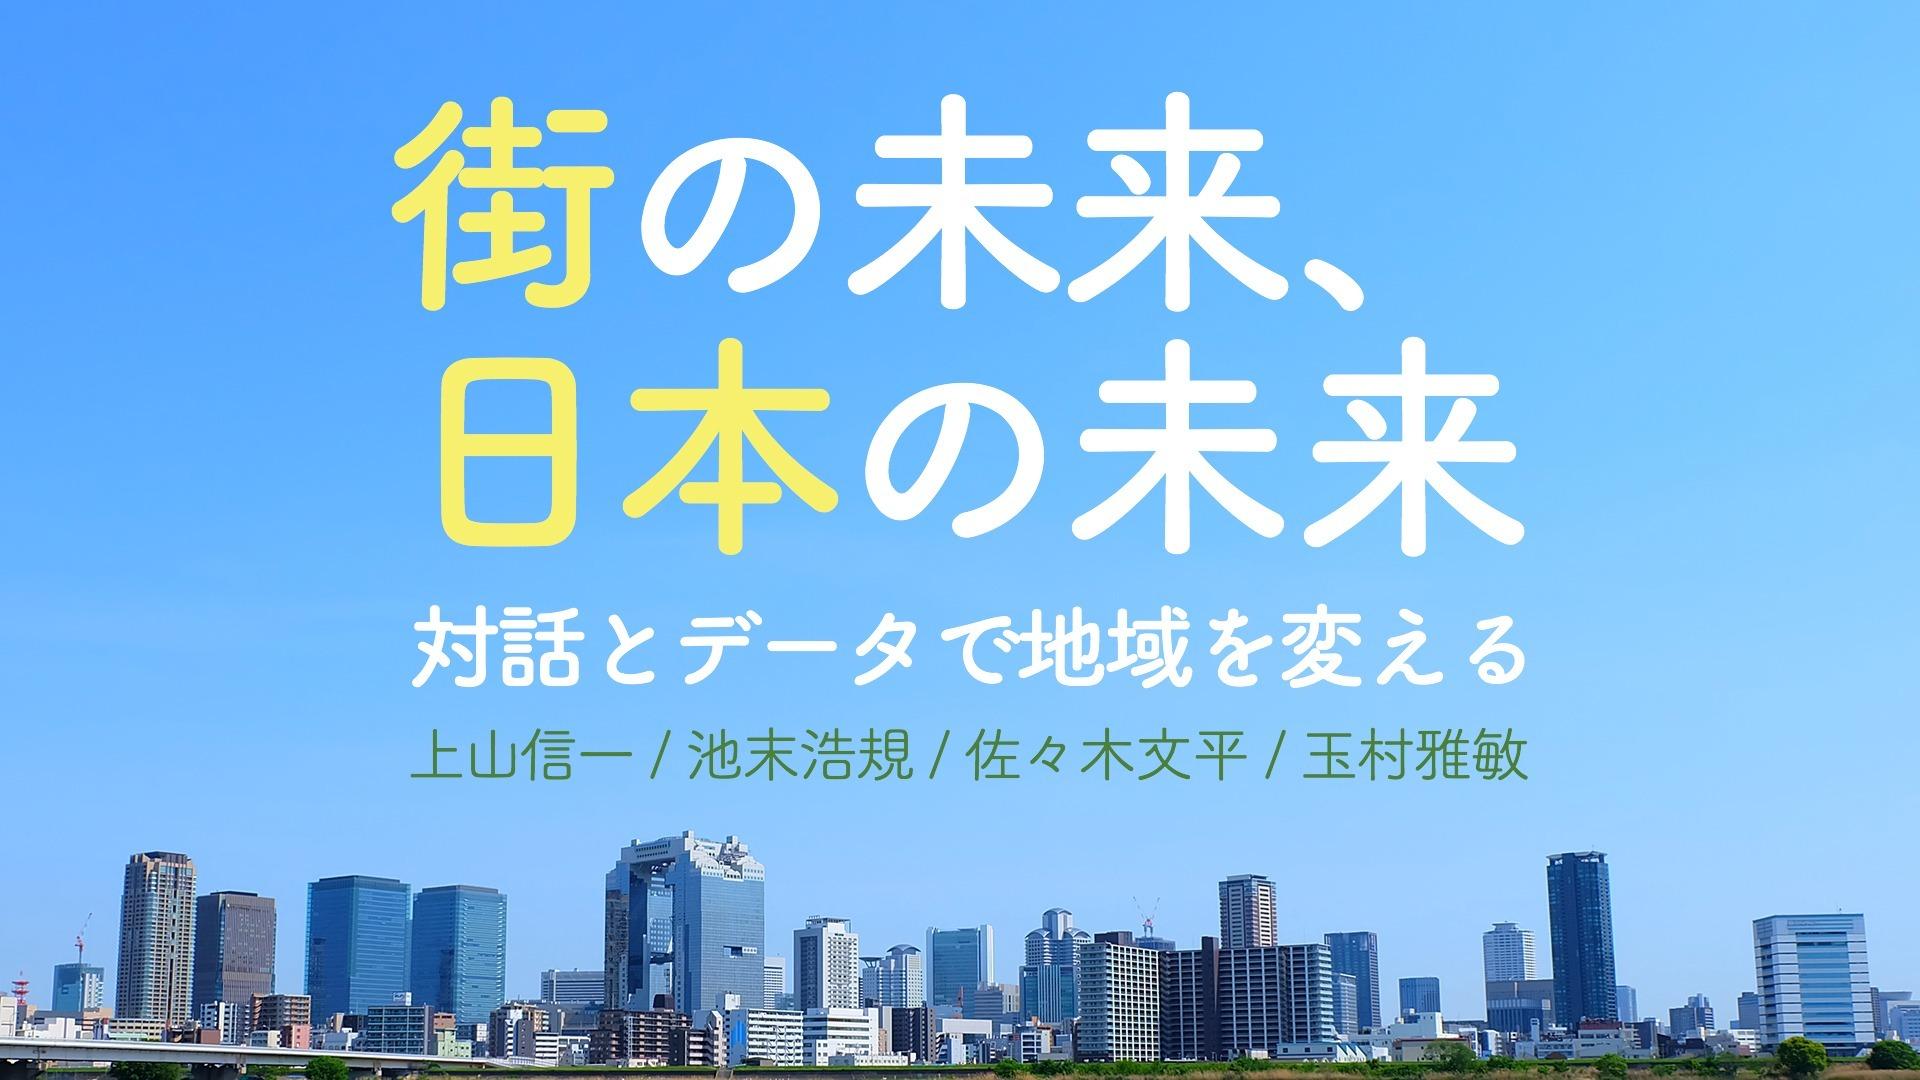 「街の未来、日本の未来――対話とデータで地域を変える」